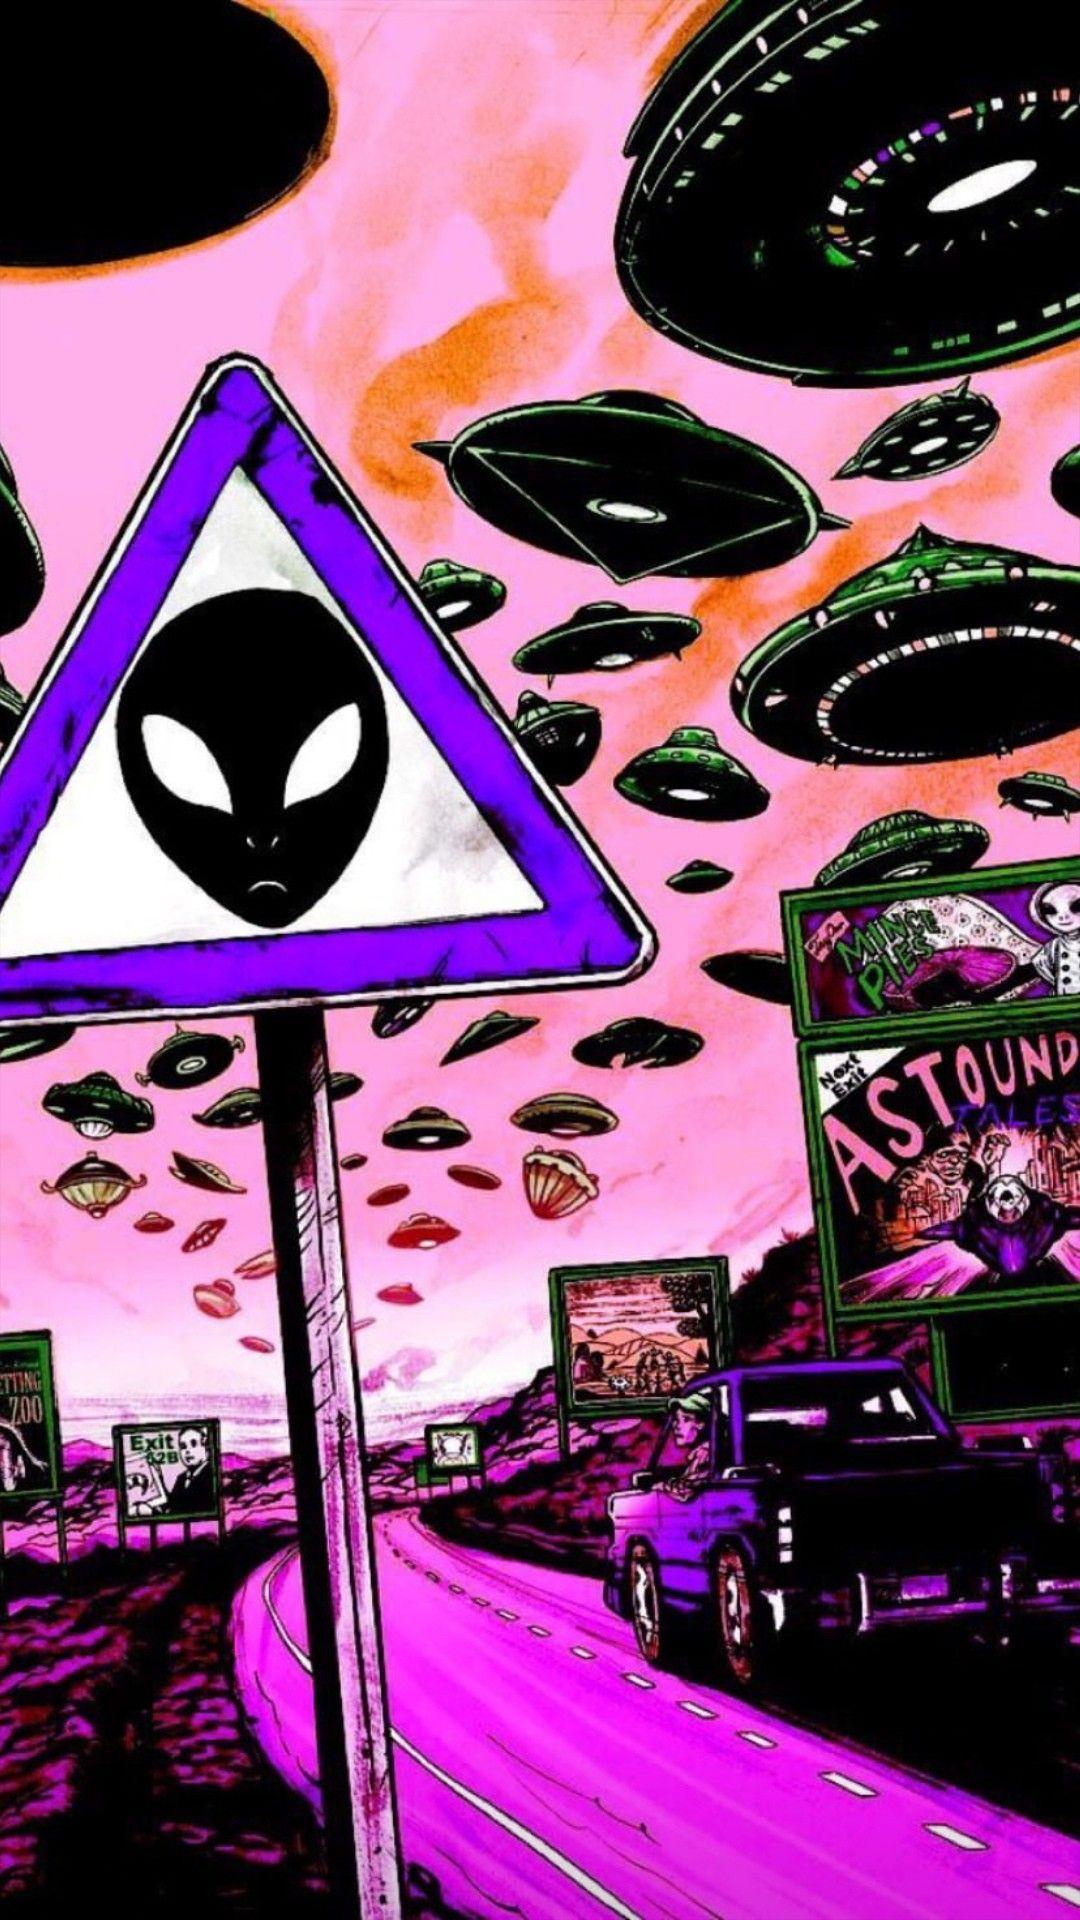 Pin De Janita Zevallos En Wallpapers Fondos De Aliens Fondos De